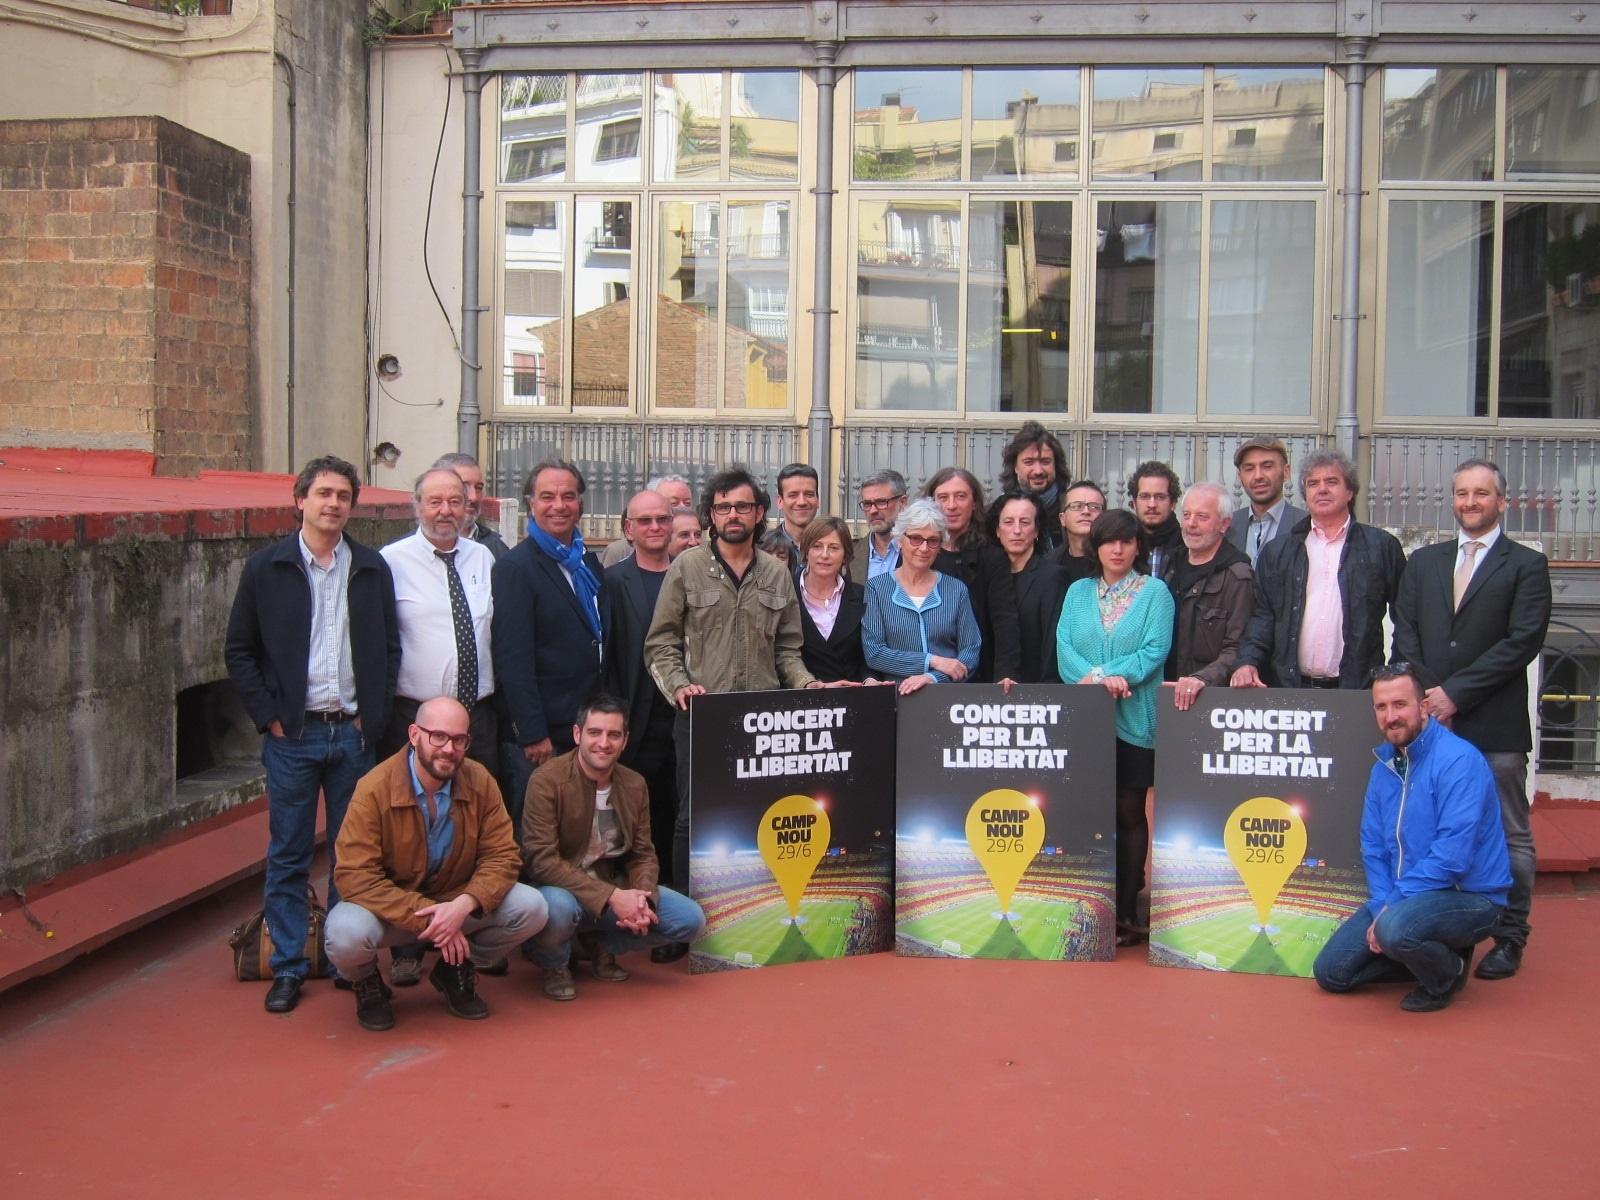 Camacho (PP) asegura que el Concert per la Llibertat fomenta «la exclusión y la división»